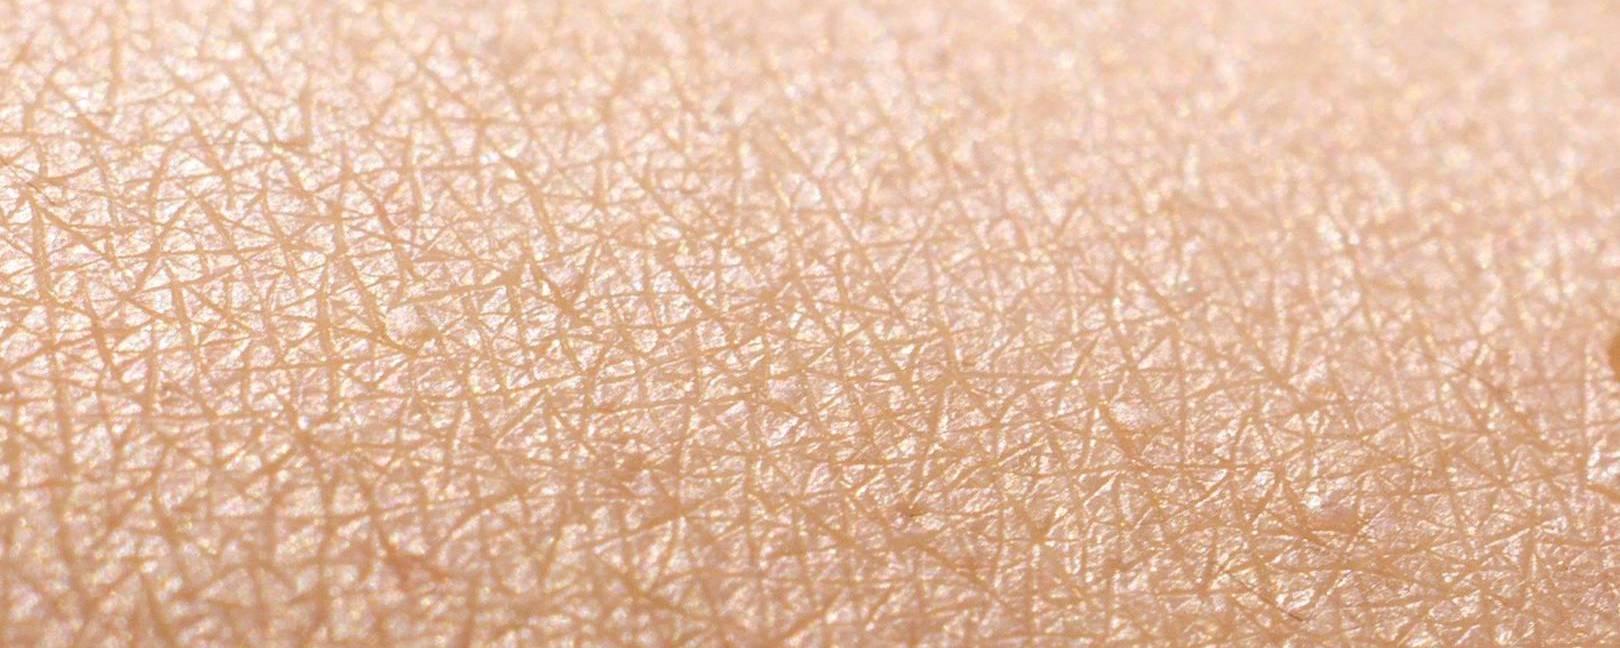 Математика кожи: выращивание эпидермиса на основе математического моделирования - 1